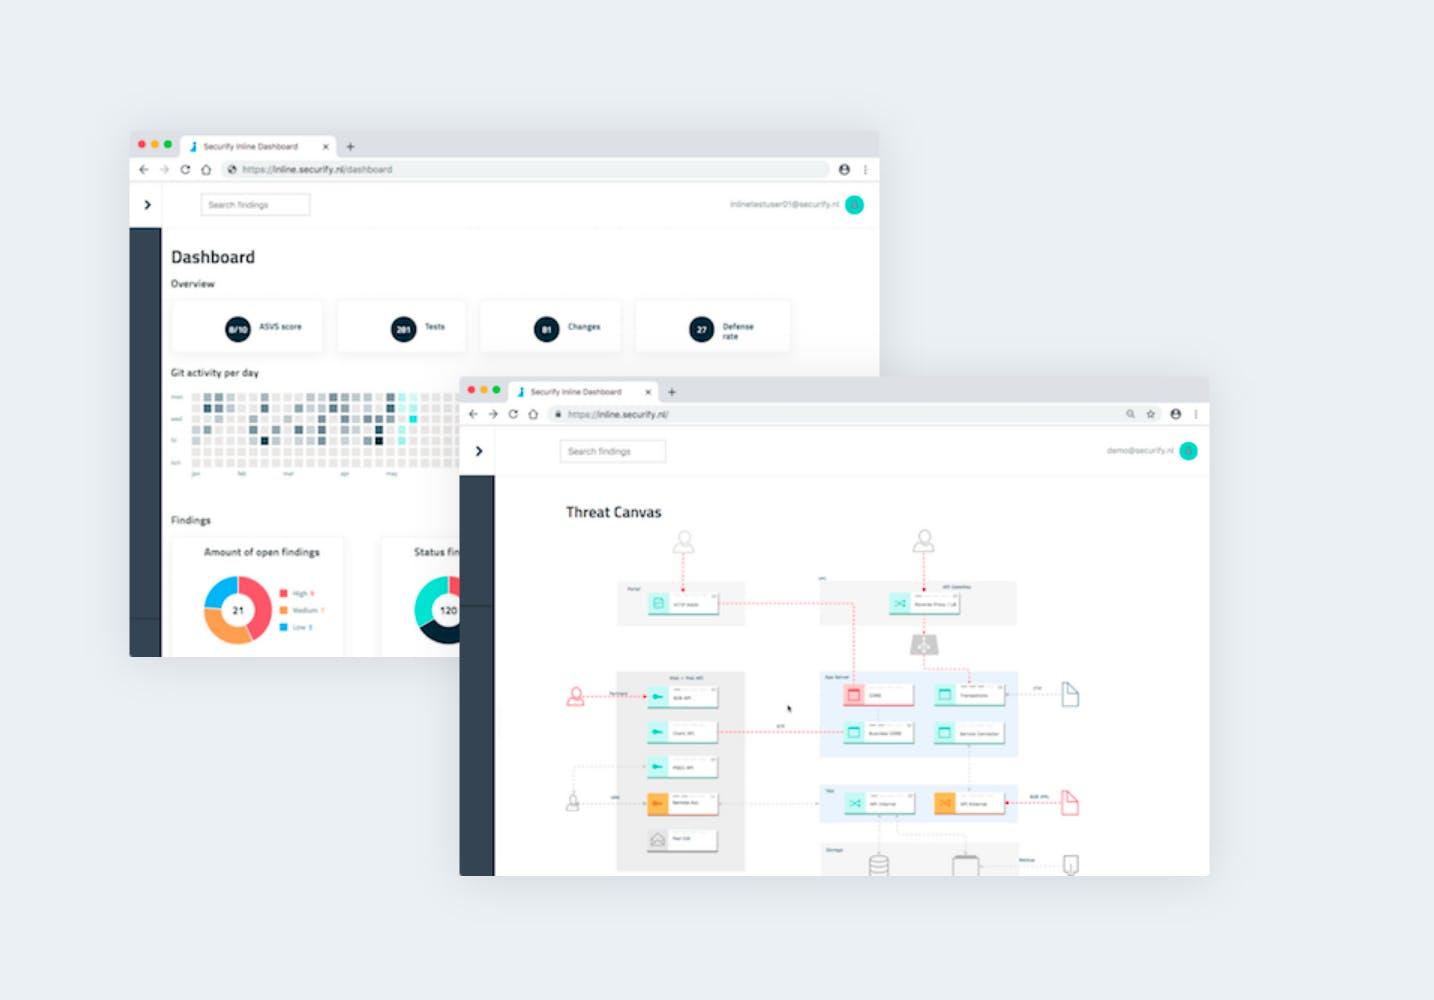 Two dashboard screenshots